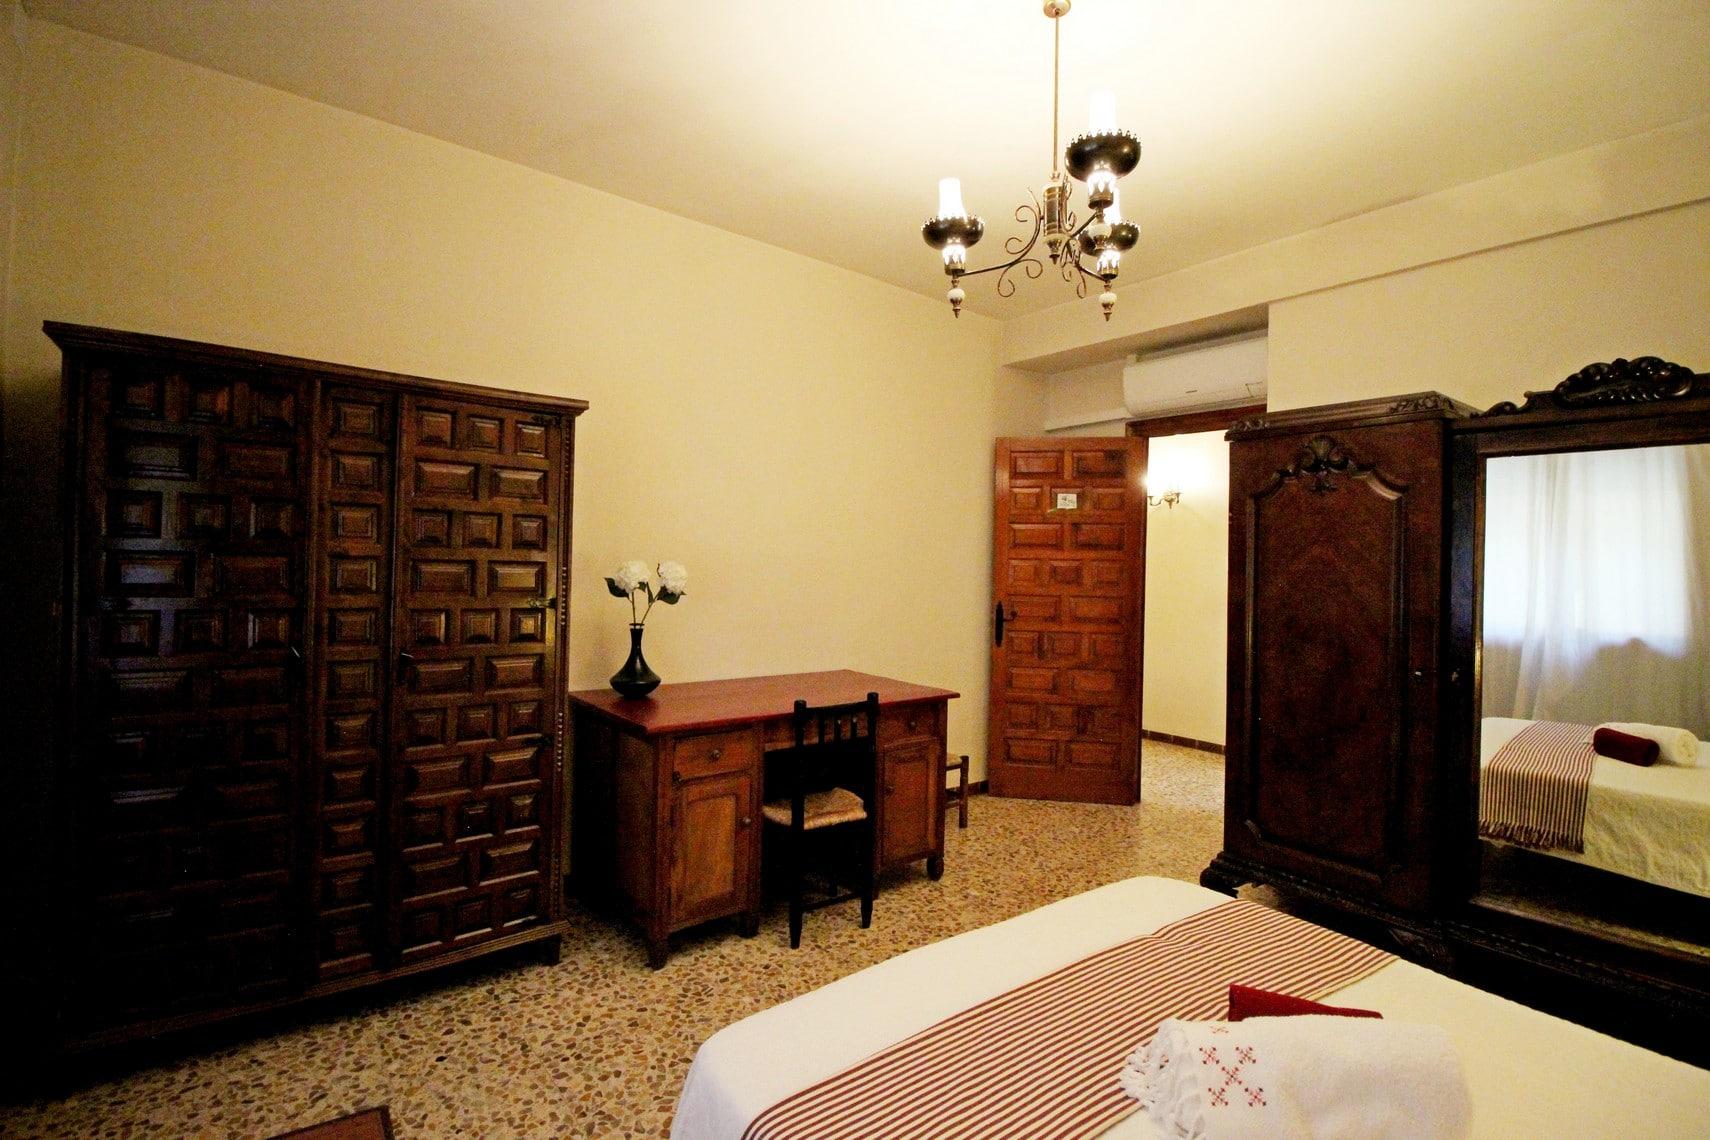 habitación5_las_hazas jarandilla023